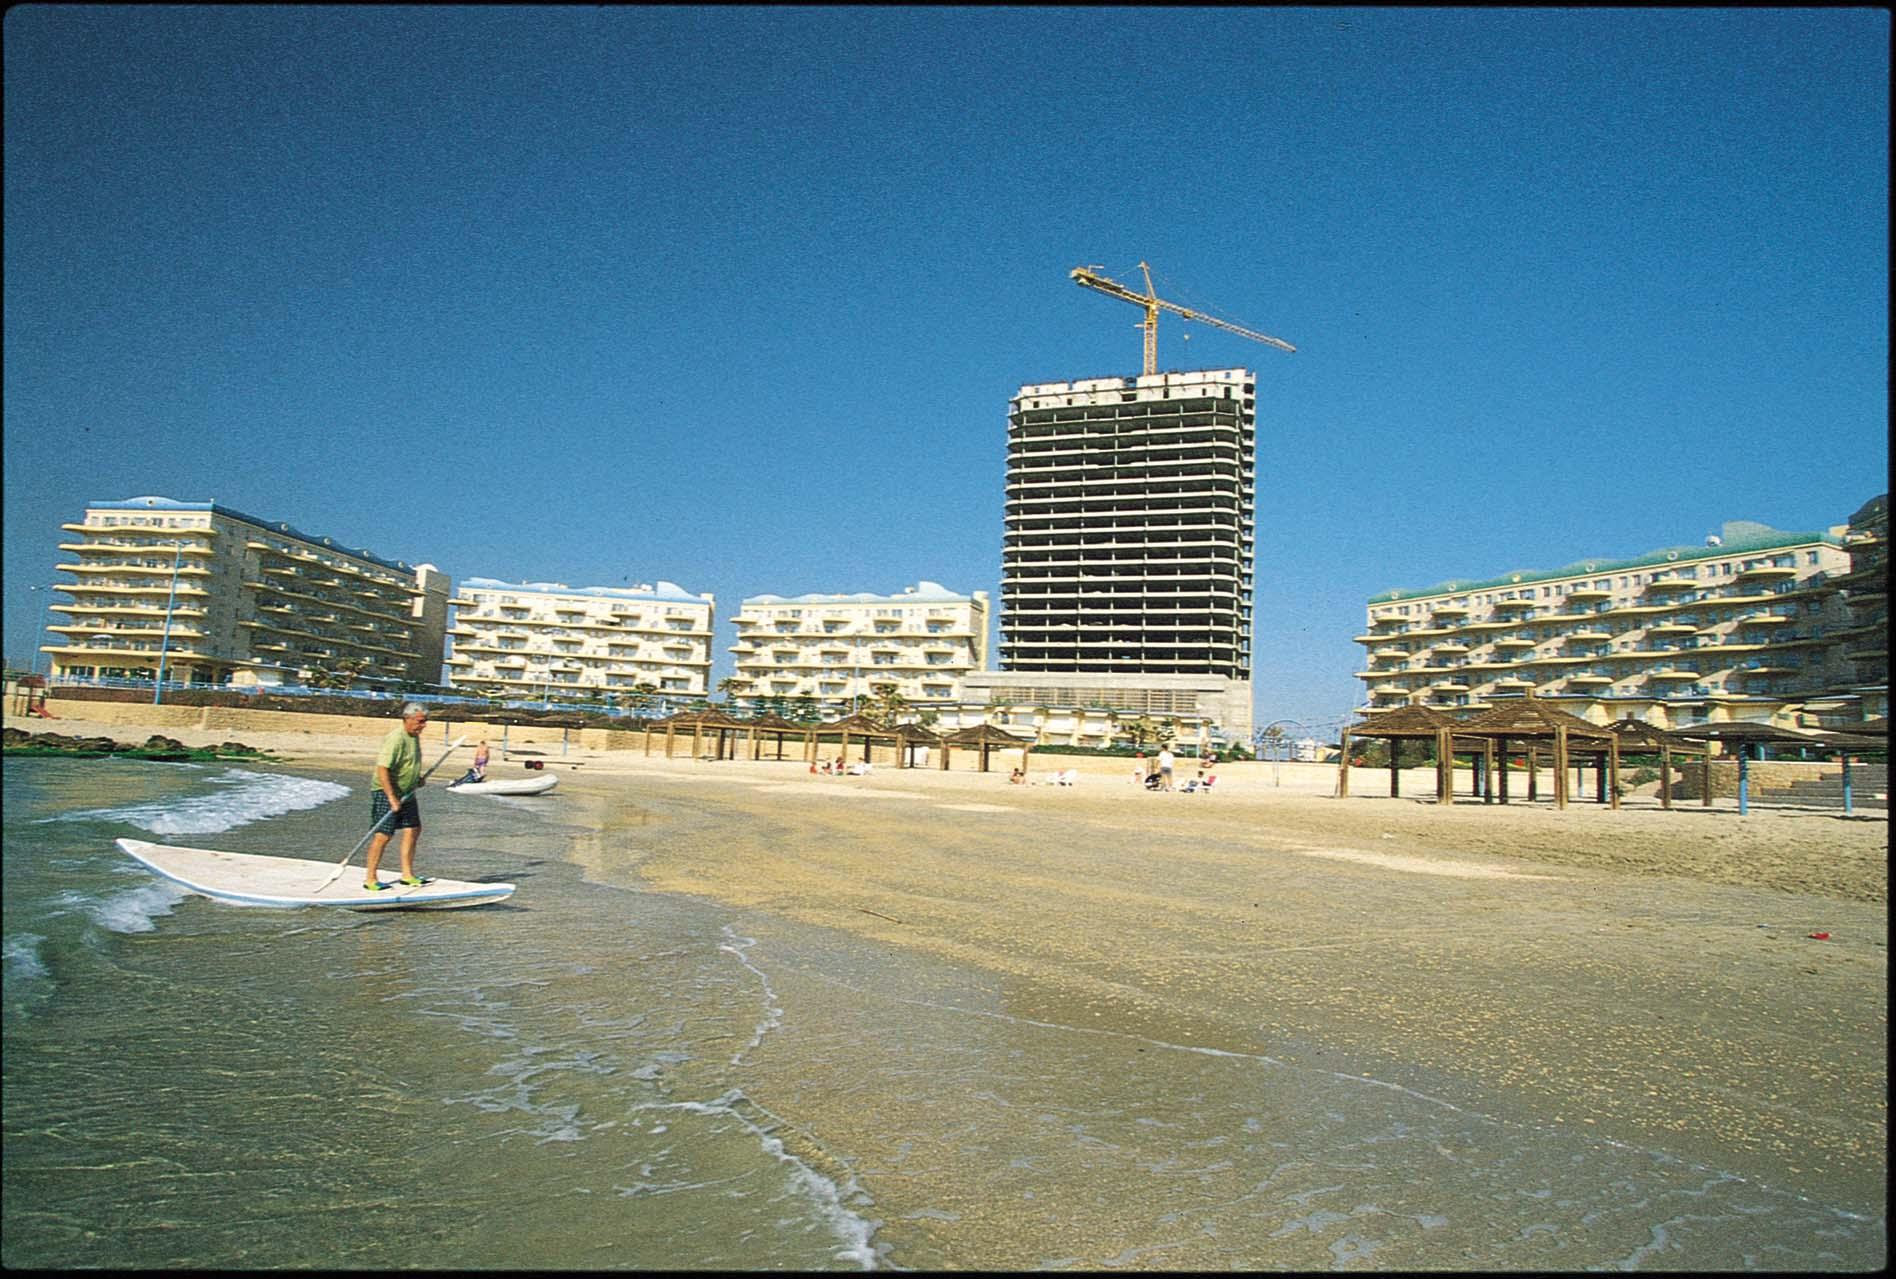 בנייה של מבנים על קו החוף